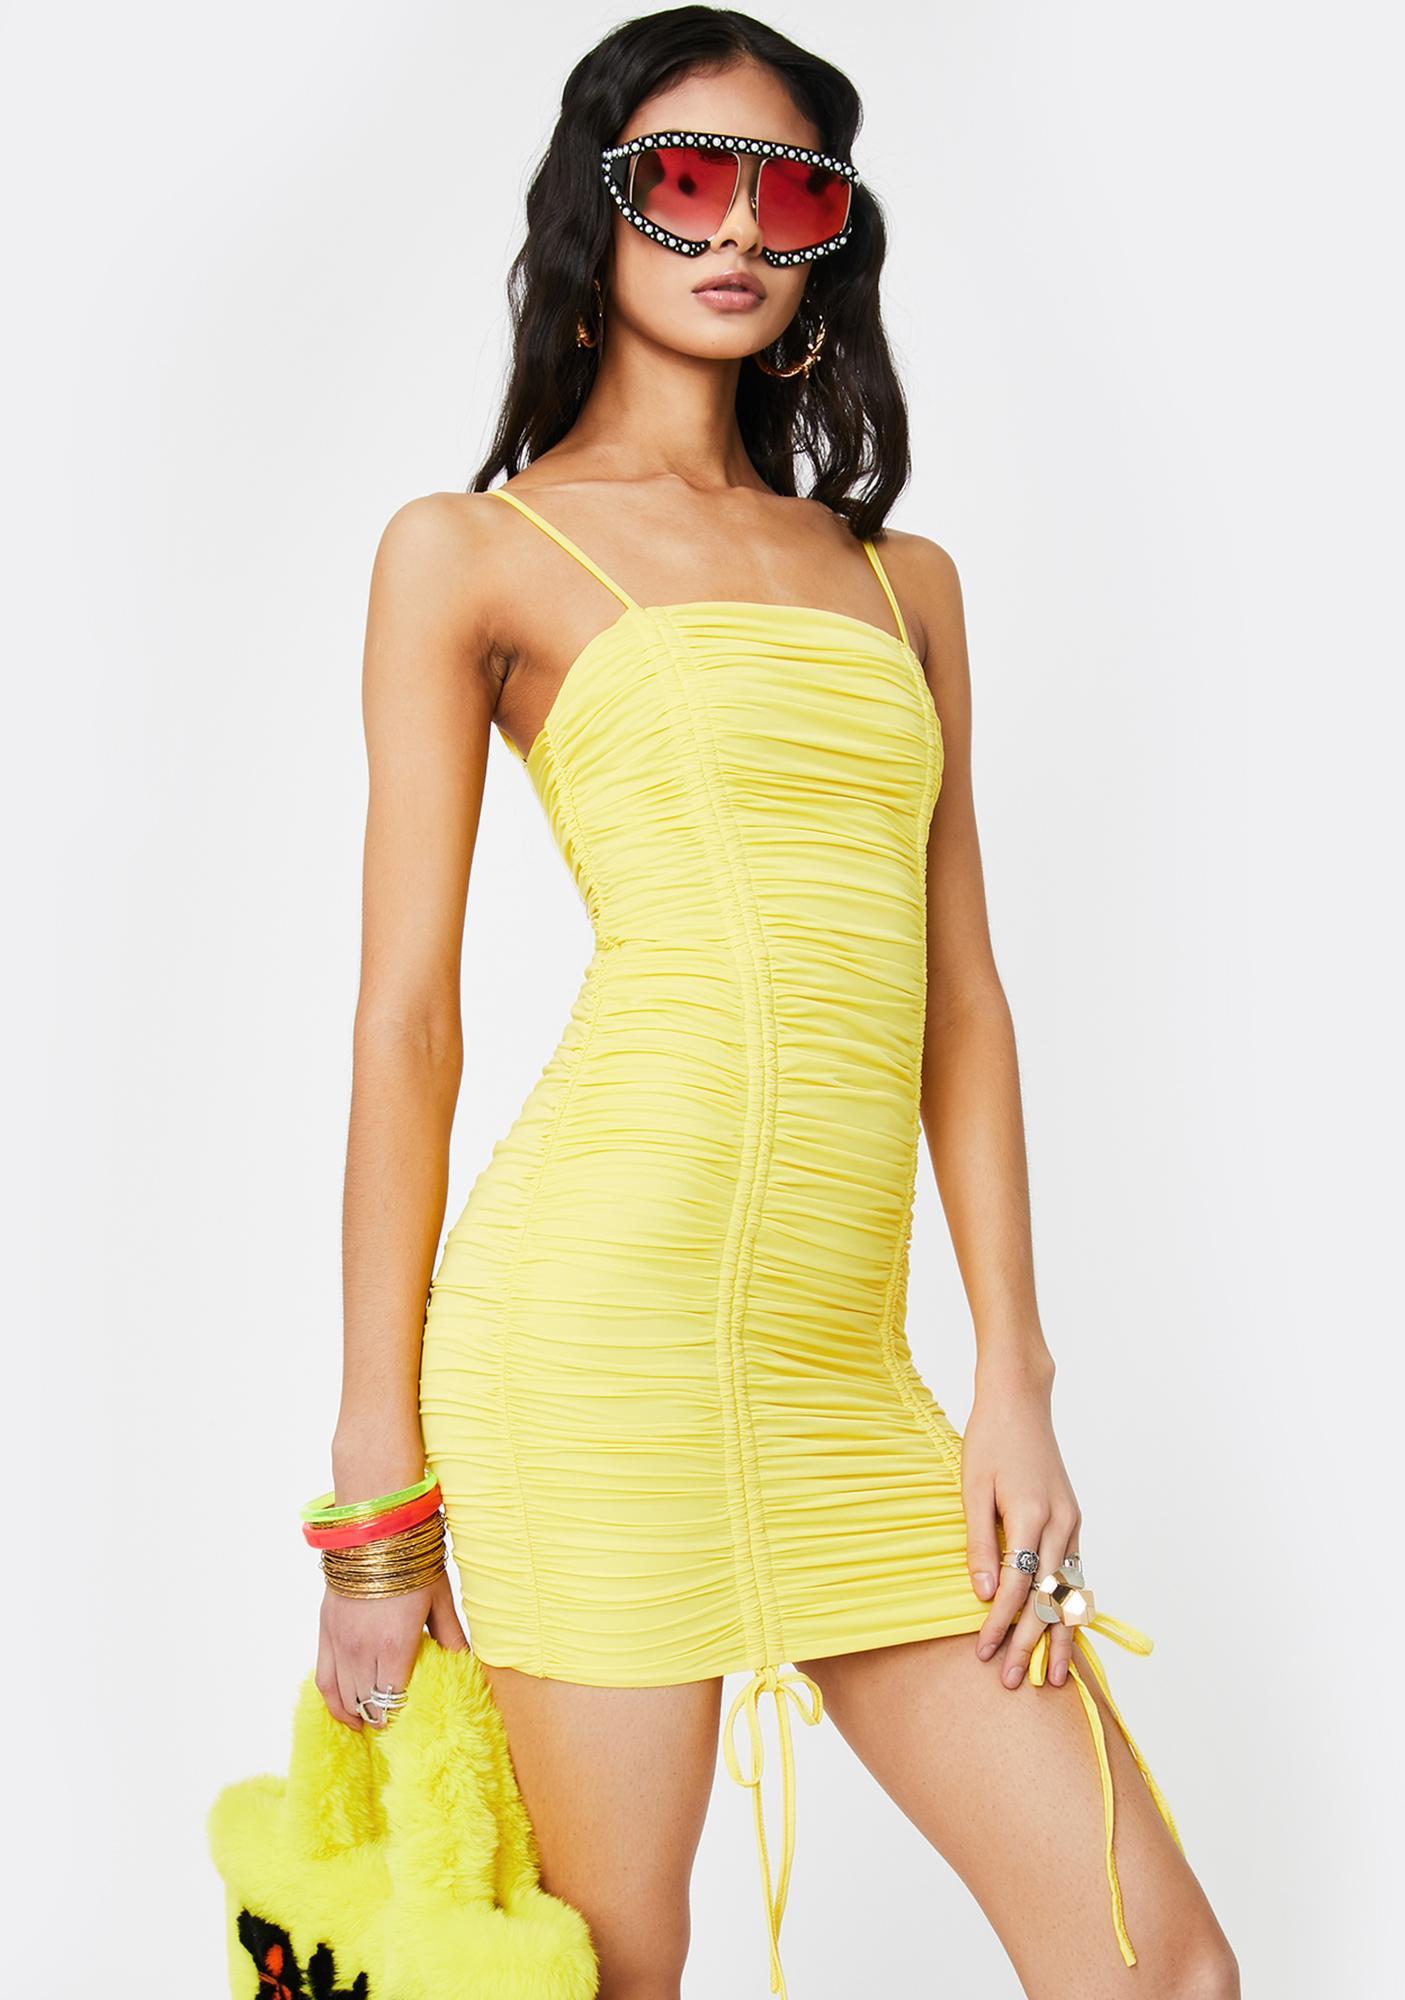 Tiger Mist Yellow Zion Mini Dress